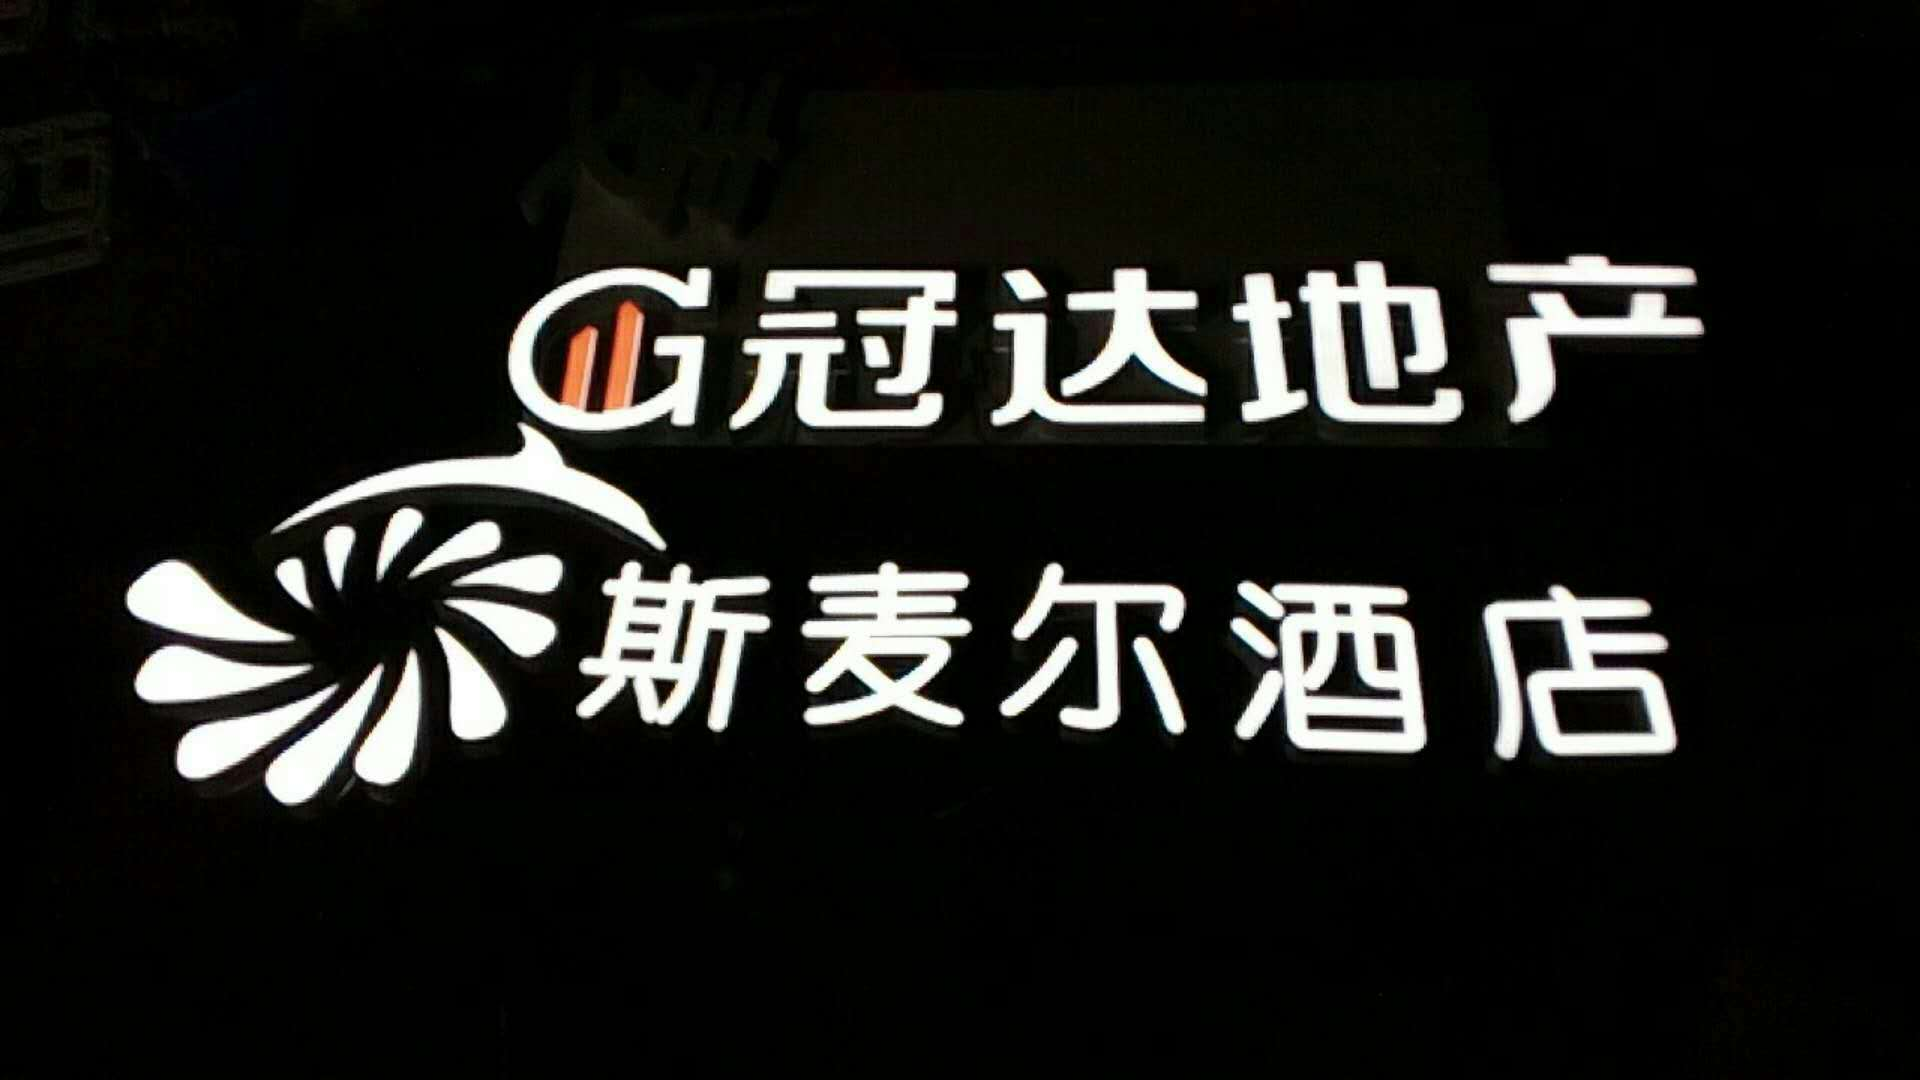 镀锌板平面发光字_酒店案例|镀锌板平面发光字-重庆金巨和文化传播有限公司